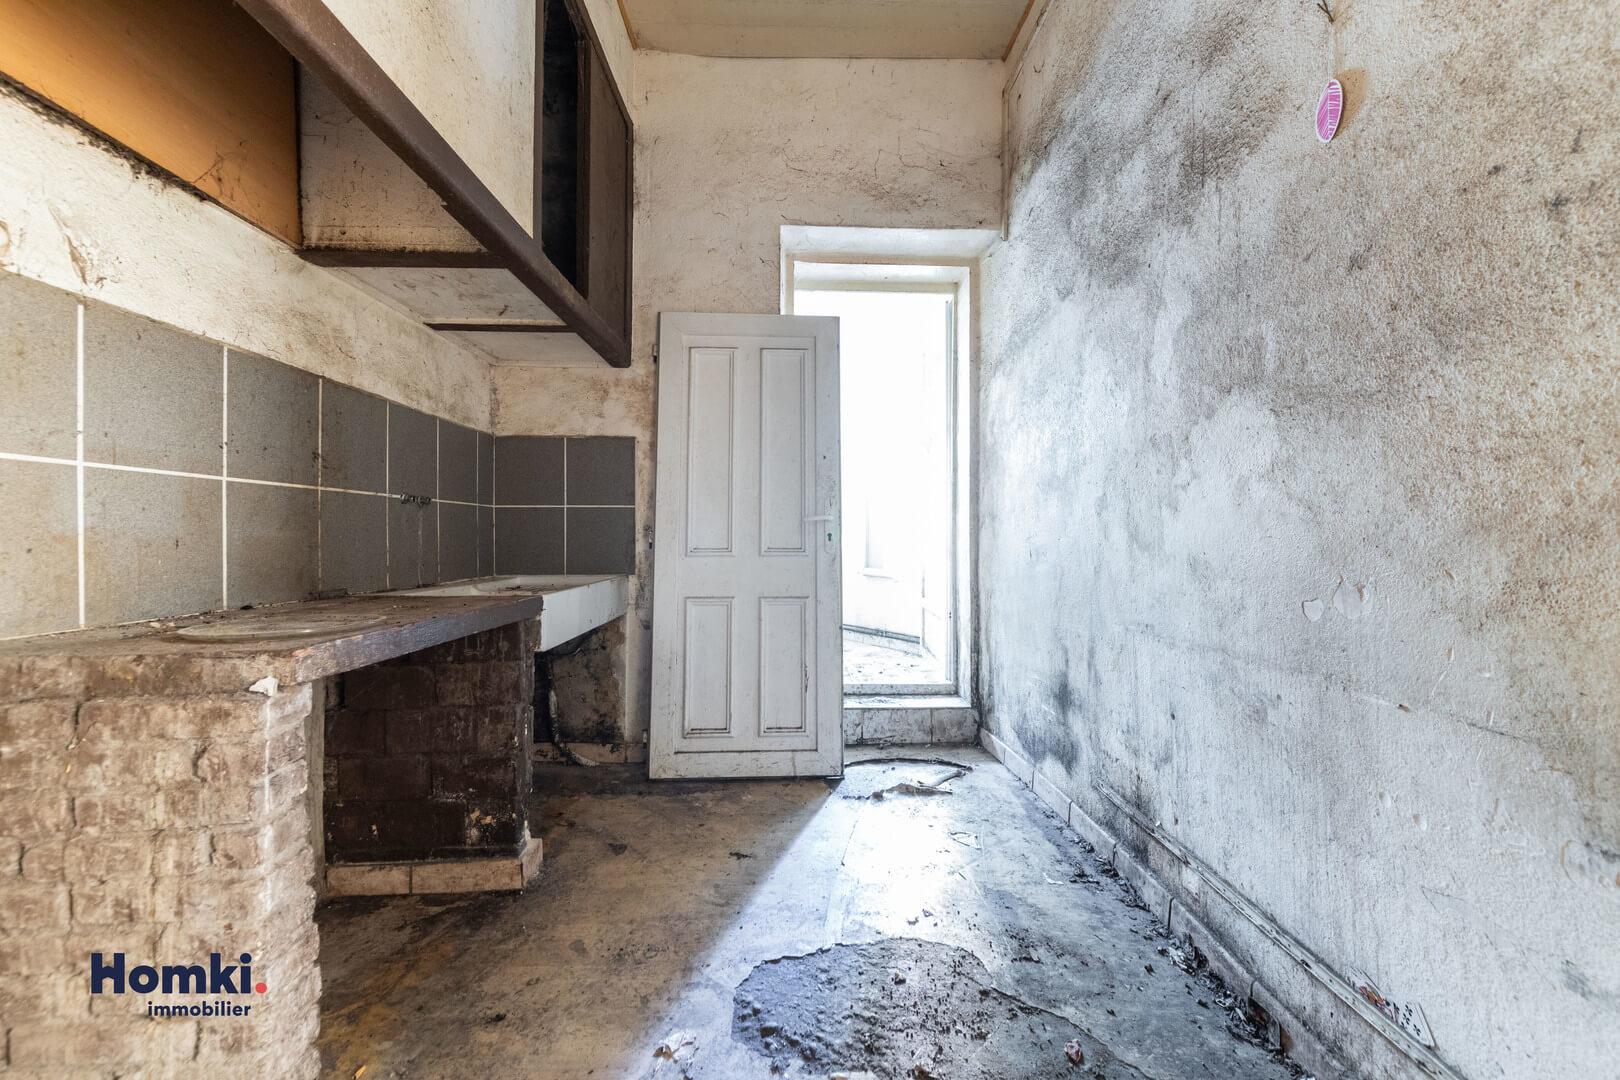 Vente maison 75m² T4 84200_ 7